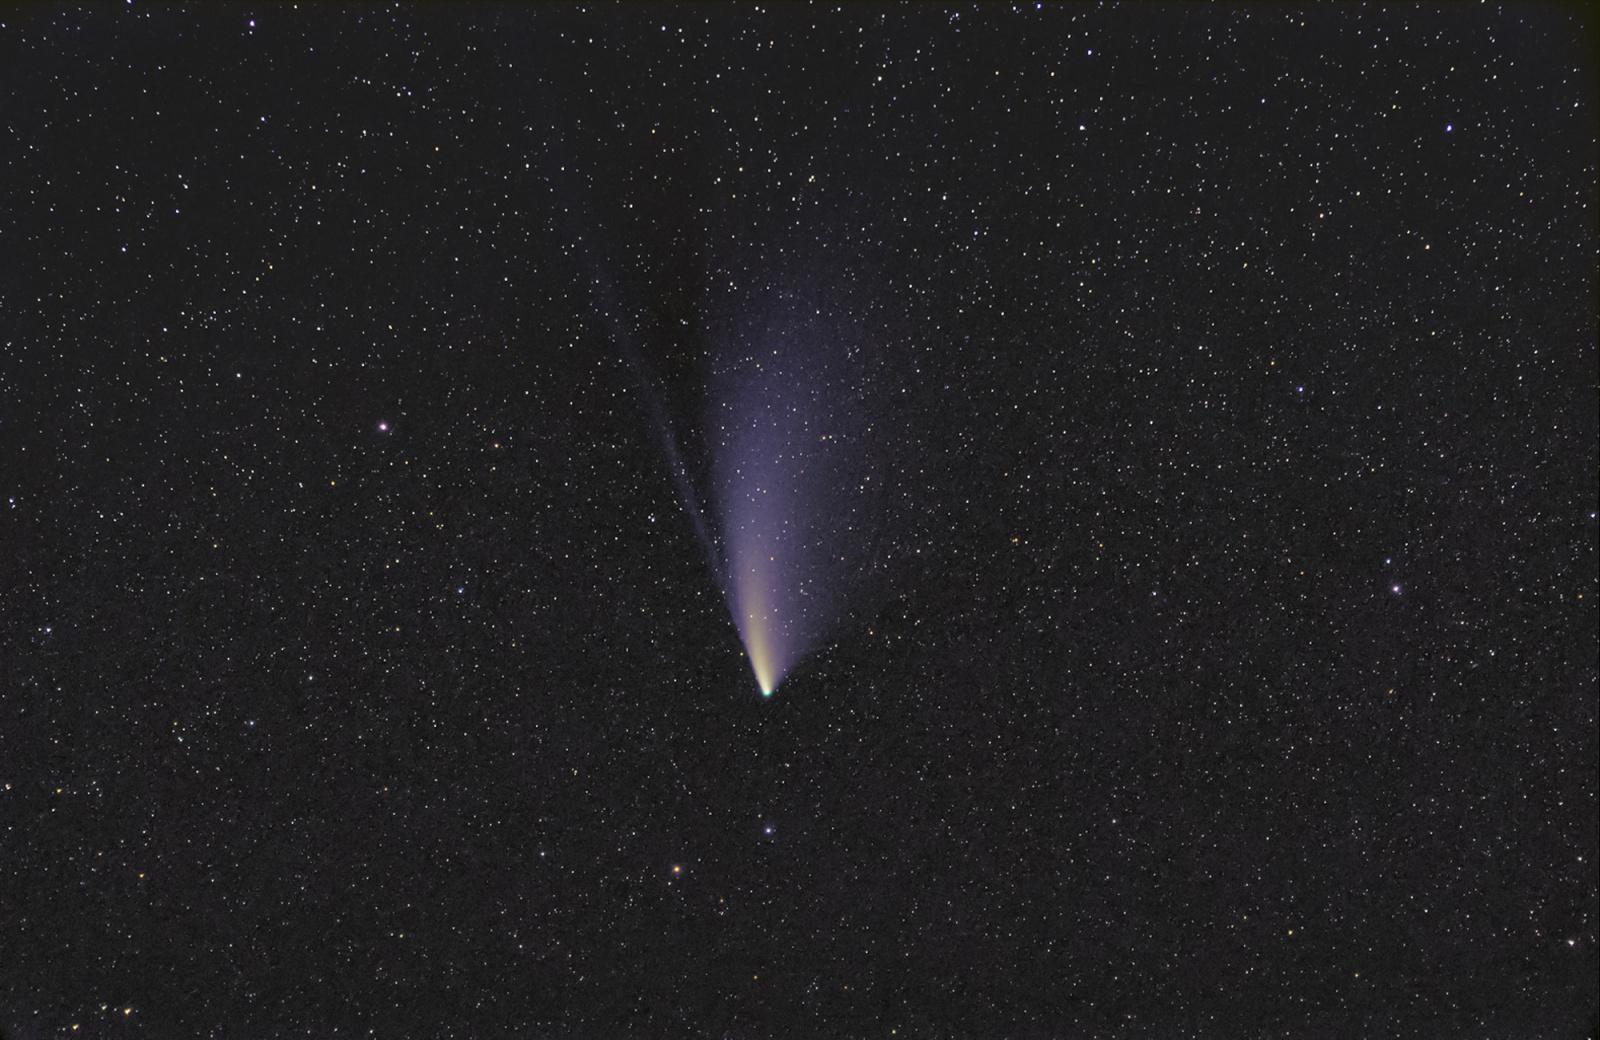 NEOWISE.thumb.jpg.5cc129654edb7176209e68a9691ab449.jpg